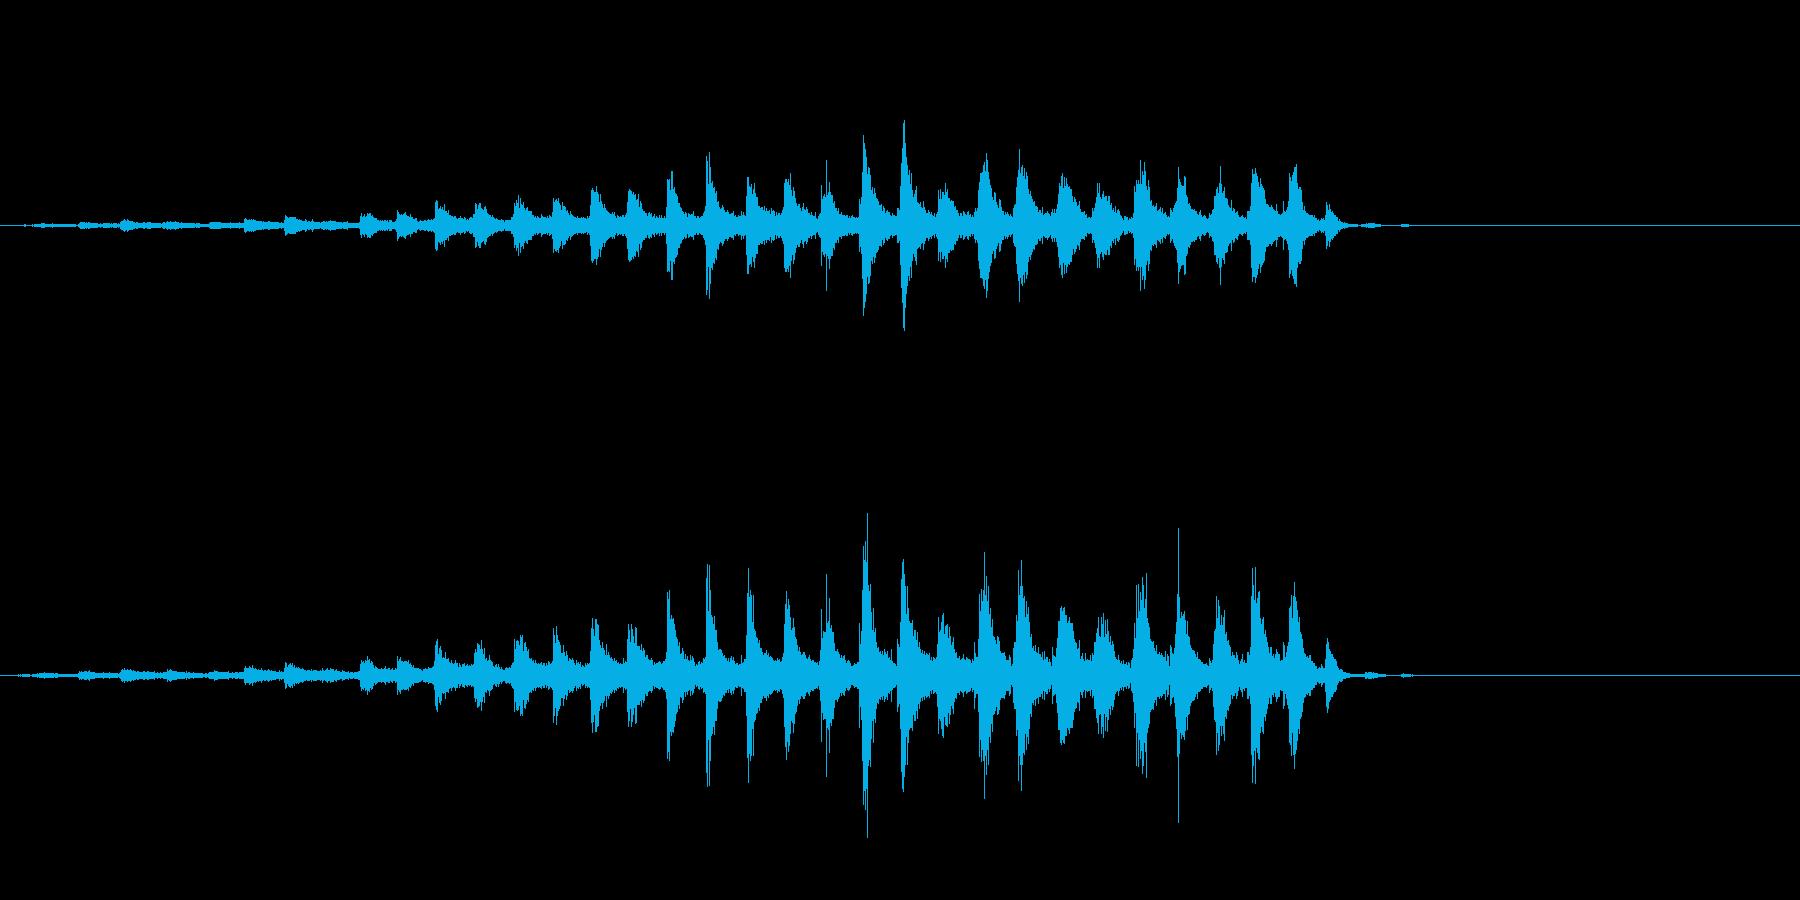 音侍「チャッパ」和製シンバルのフレーズ1の再生済みの波形